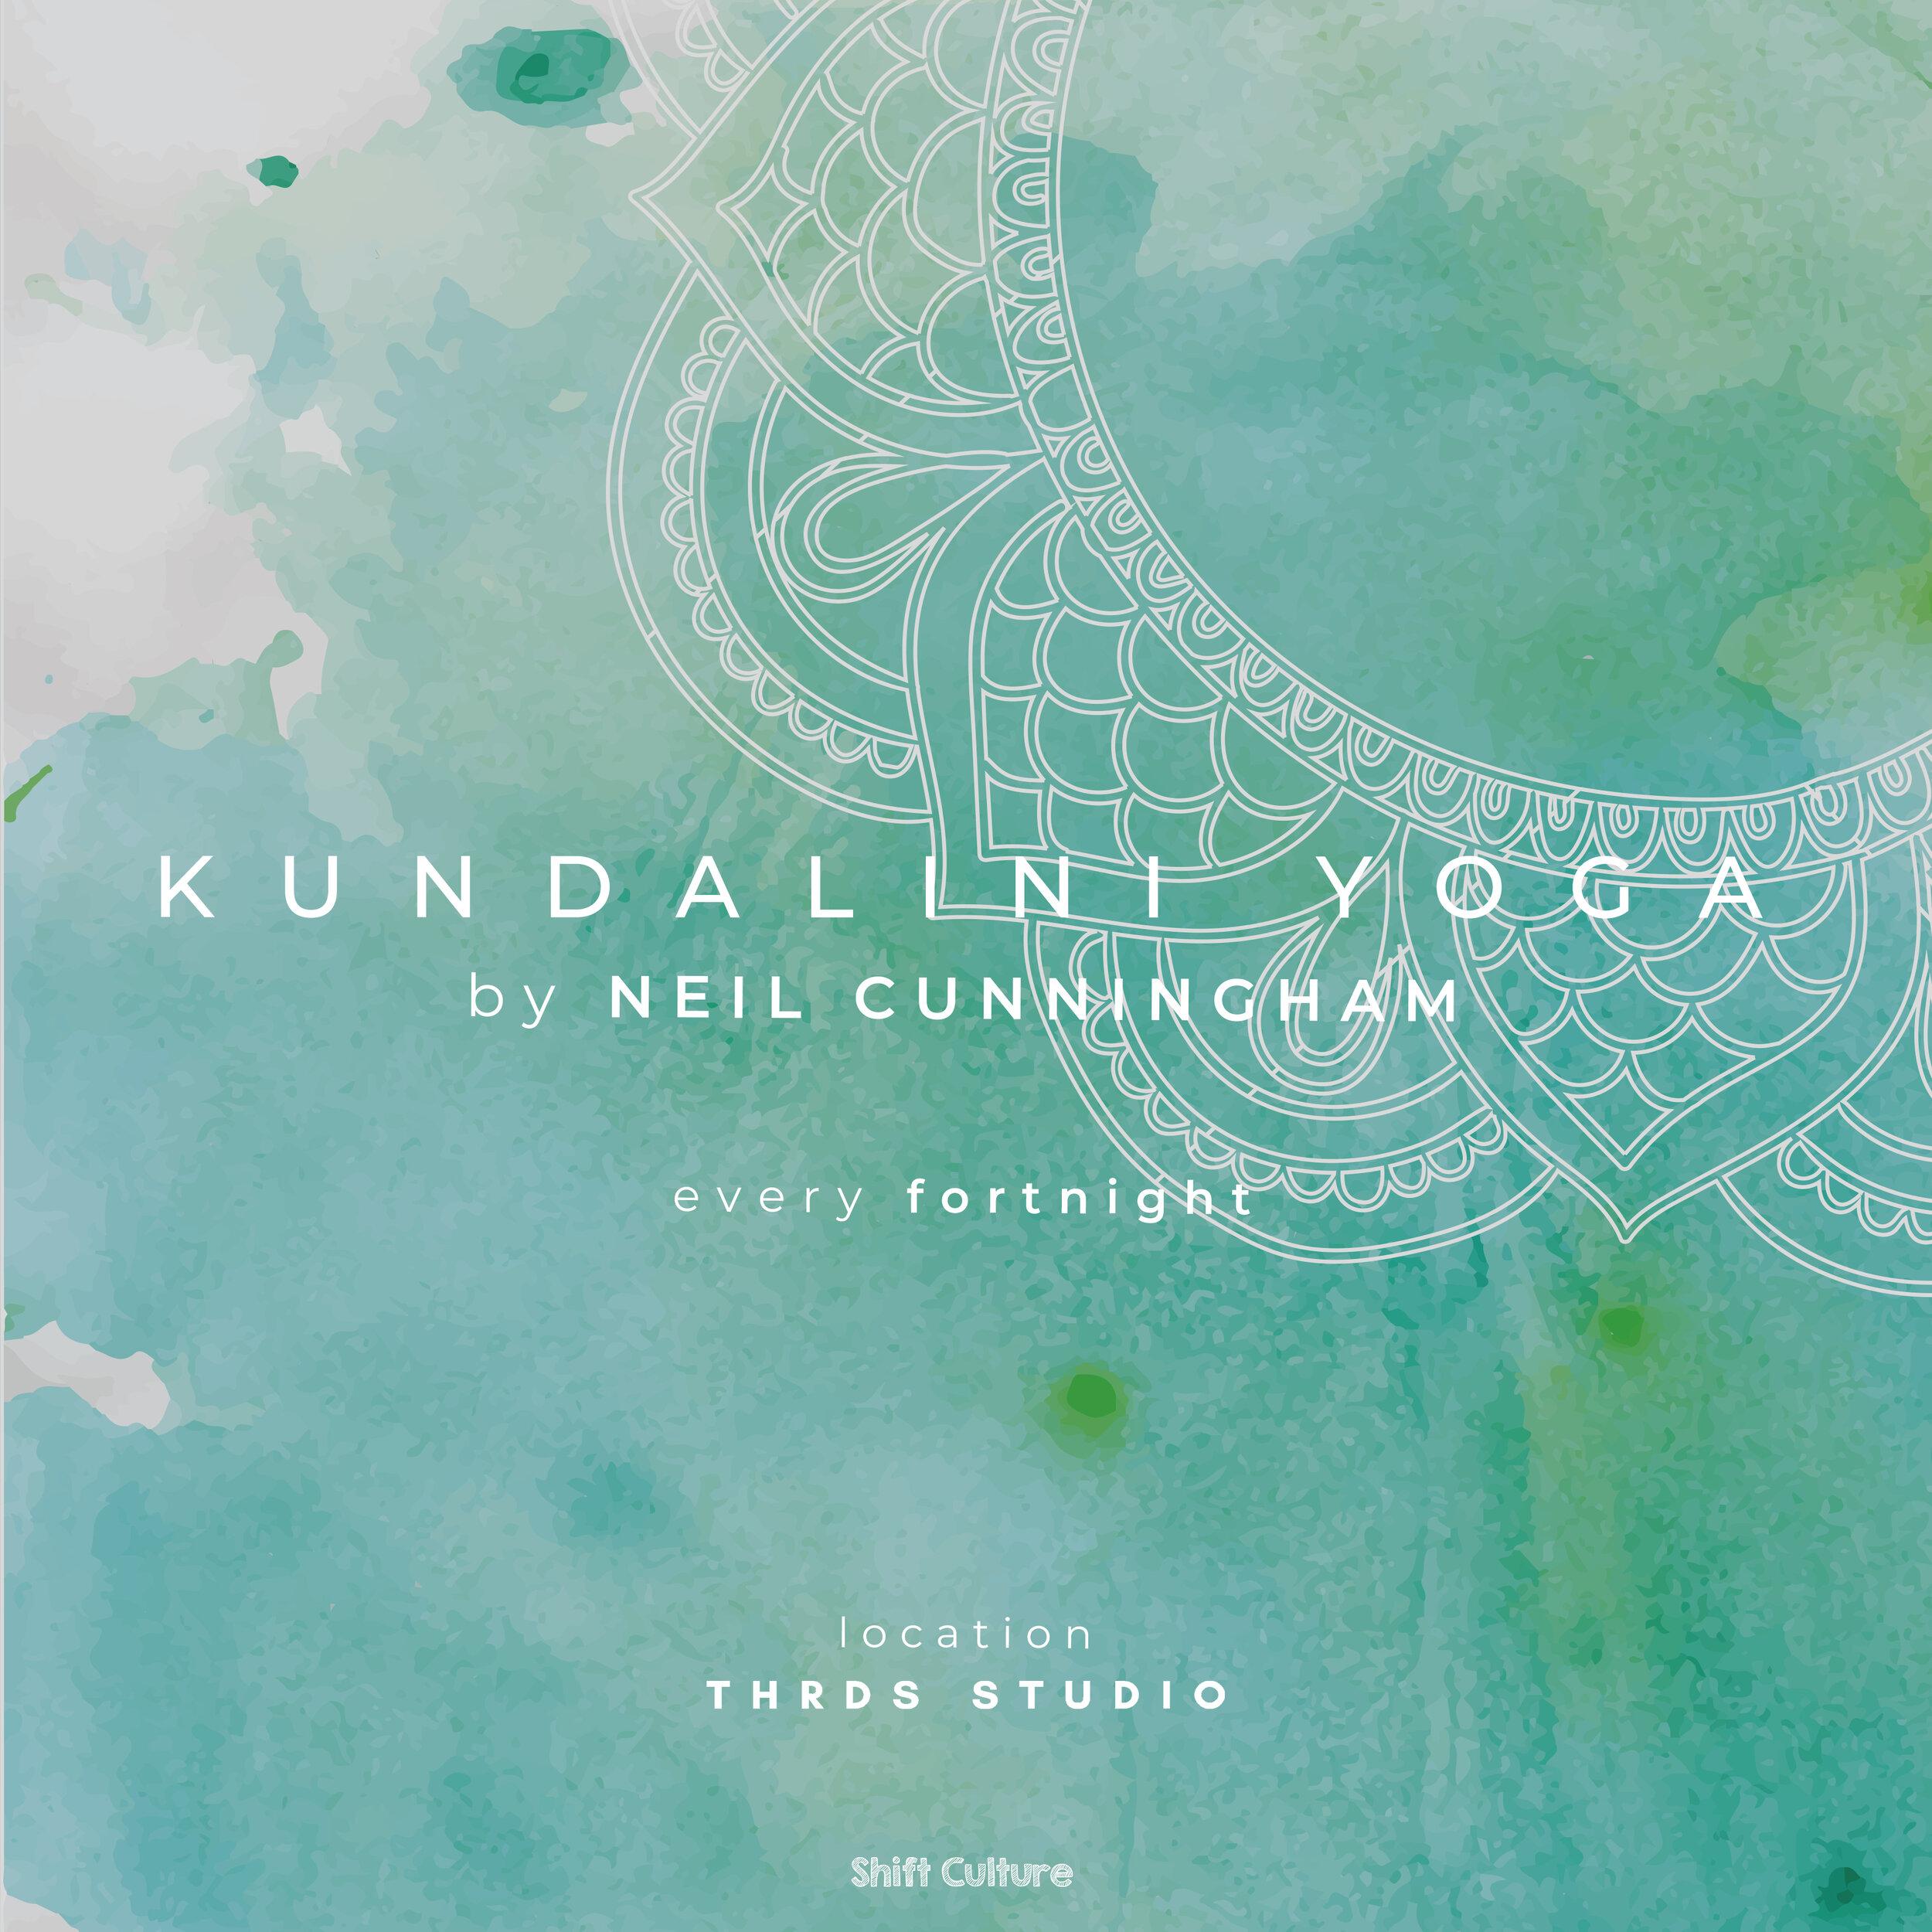 Kundalini Yoga - THRDS STUDIO